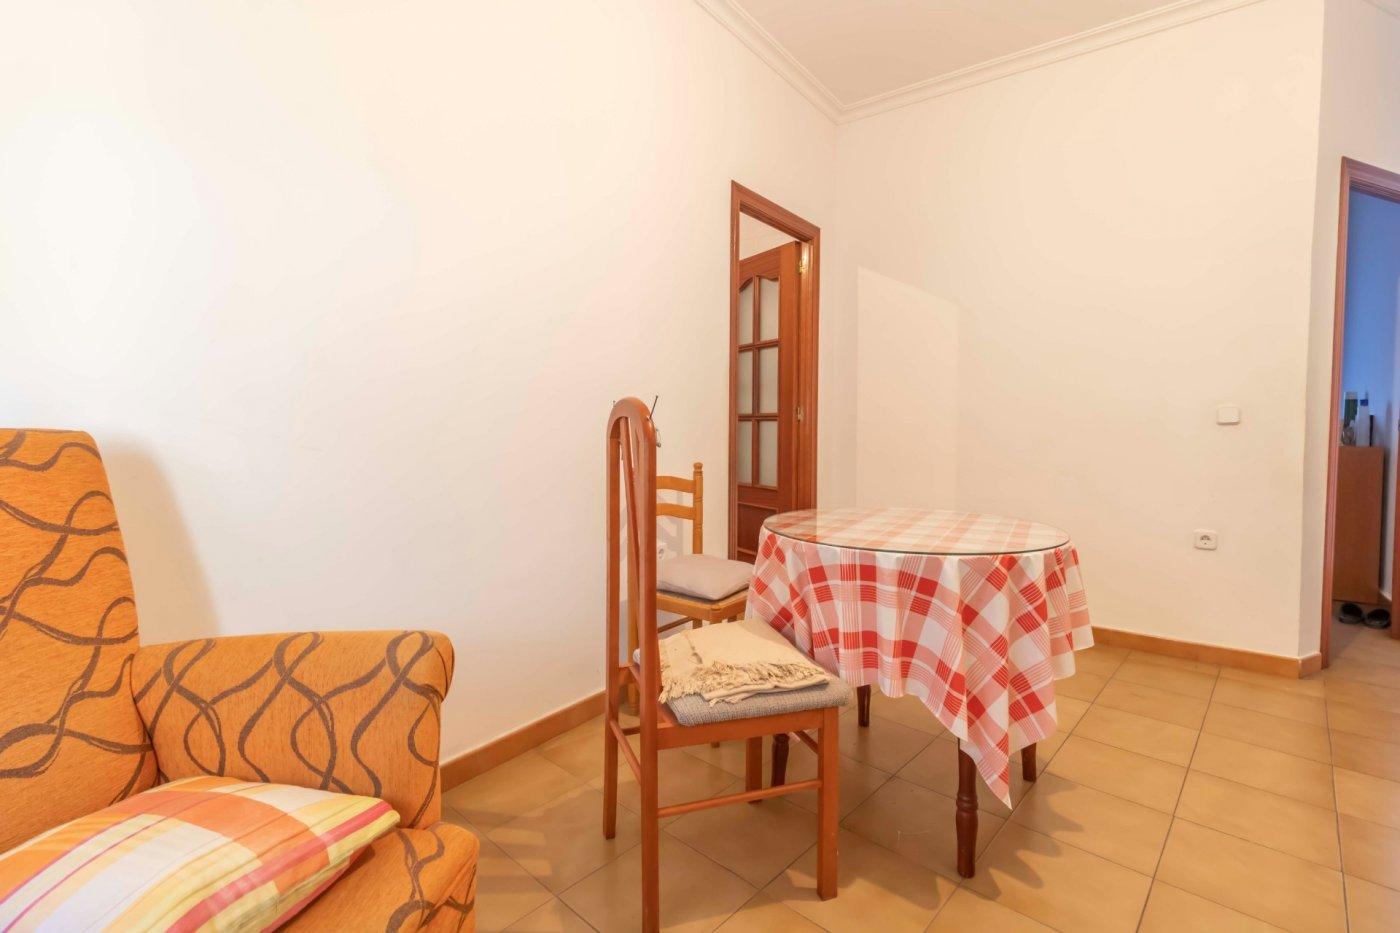 2 pisos a la venta por el precio de uno en zona padre pÍo - imagenInmueble2